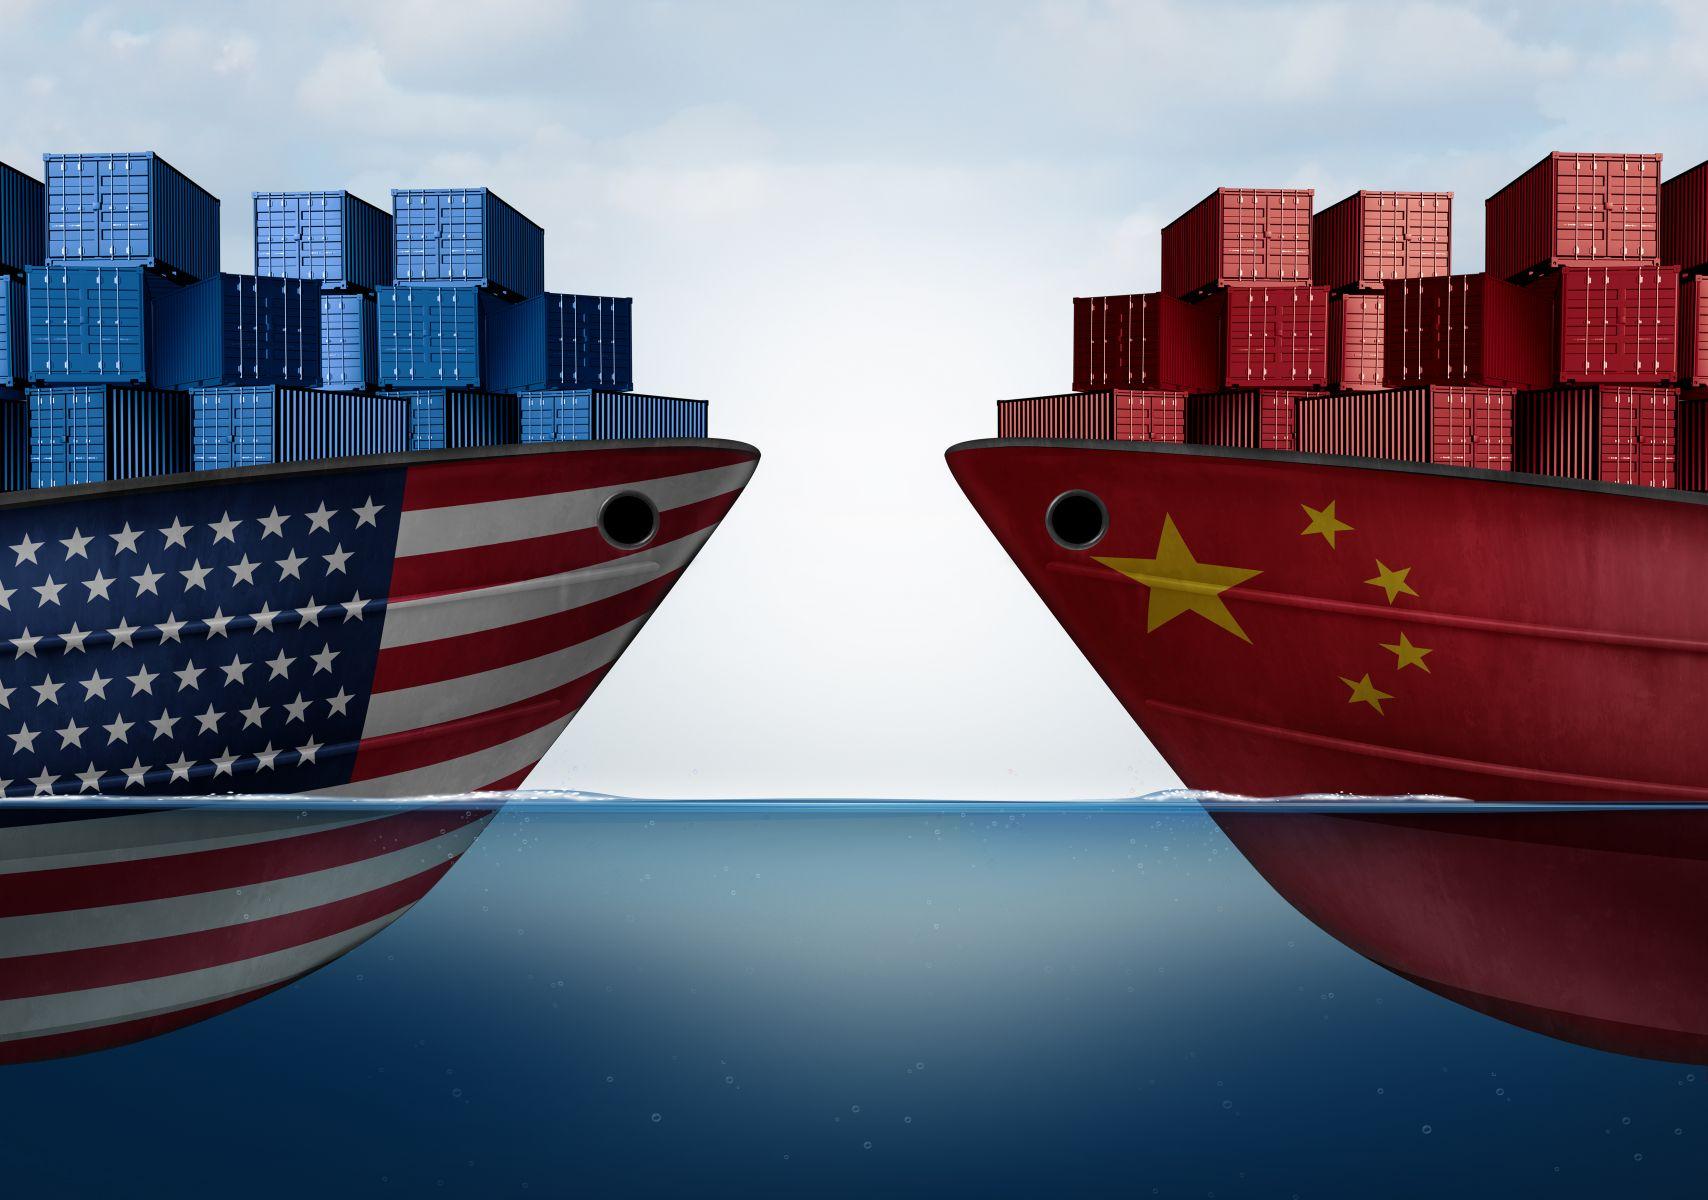 報復川普!中國宣布6月1日起 對600億美元商品加稅